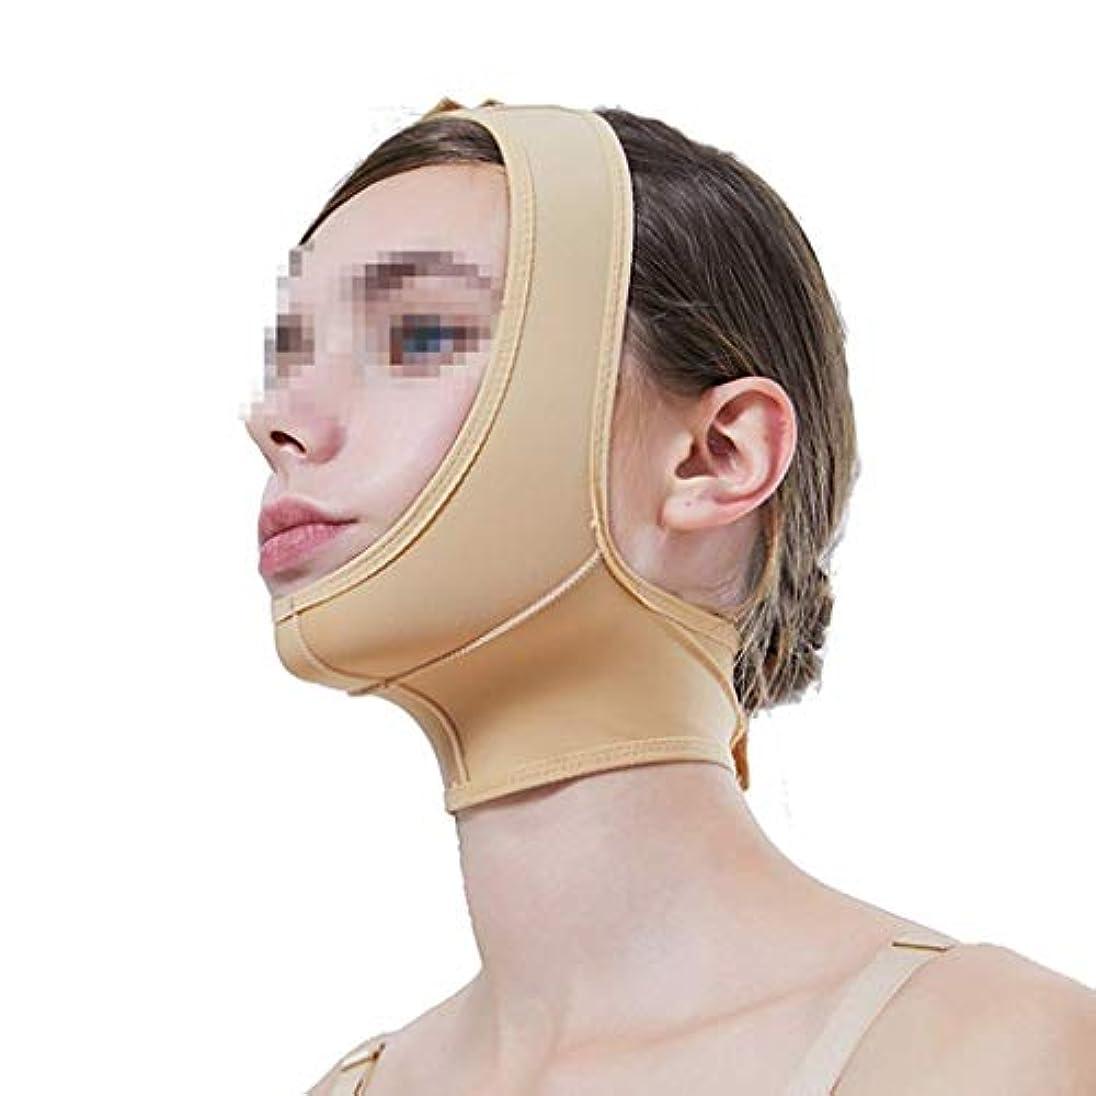 瞑想するレザーライド弾性の薄いフェイスフード、下顎スリーブ術後の弾性スリーブのフェイスVフェイスマスク付きの薄いダブルチンビーストバーマルチサイズオプション(サイズ:M)